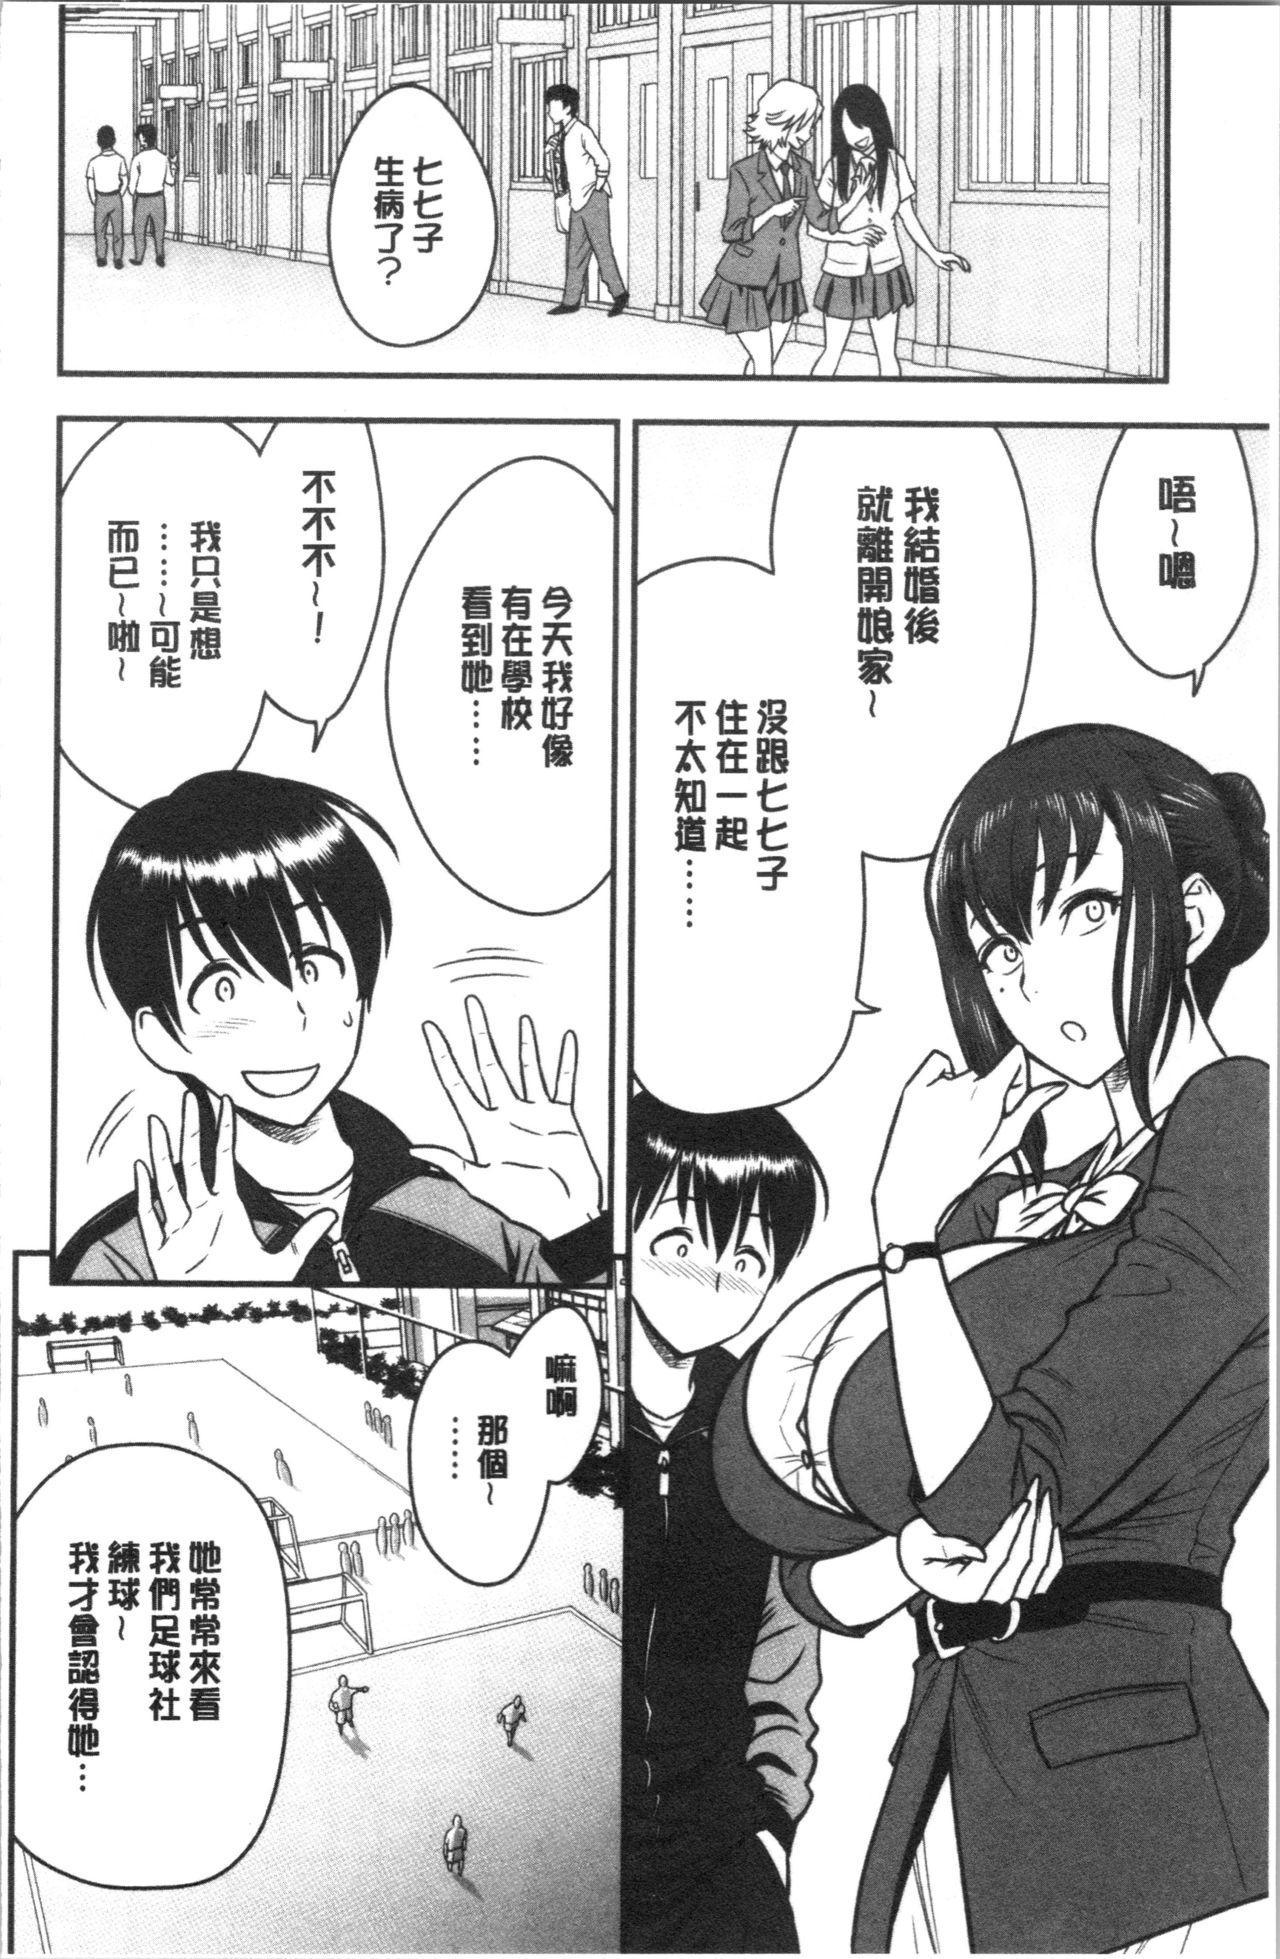 [Tatsunami Youtoku] Dankon Sousai -Hitozuma Kyoushi ga Netorareru made no Kiroku- | 男根想妻 -人妻女教師被寢取偷吃為止的記錄- [Chinese] 110